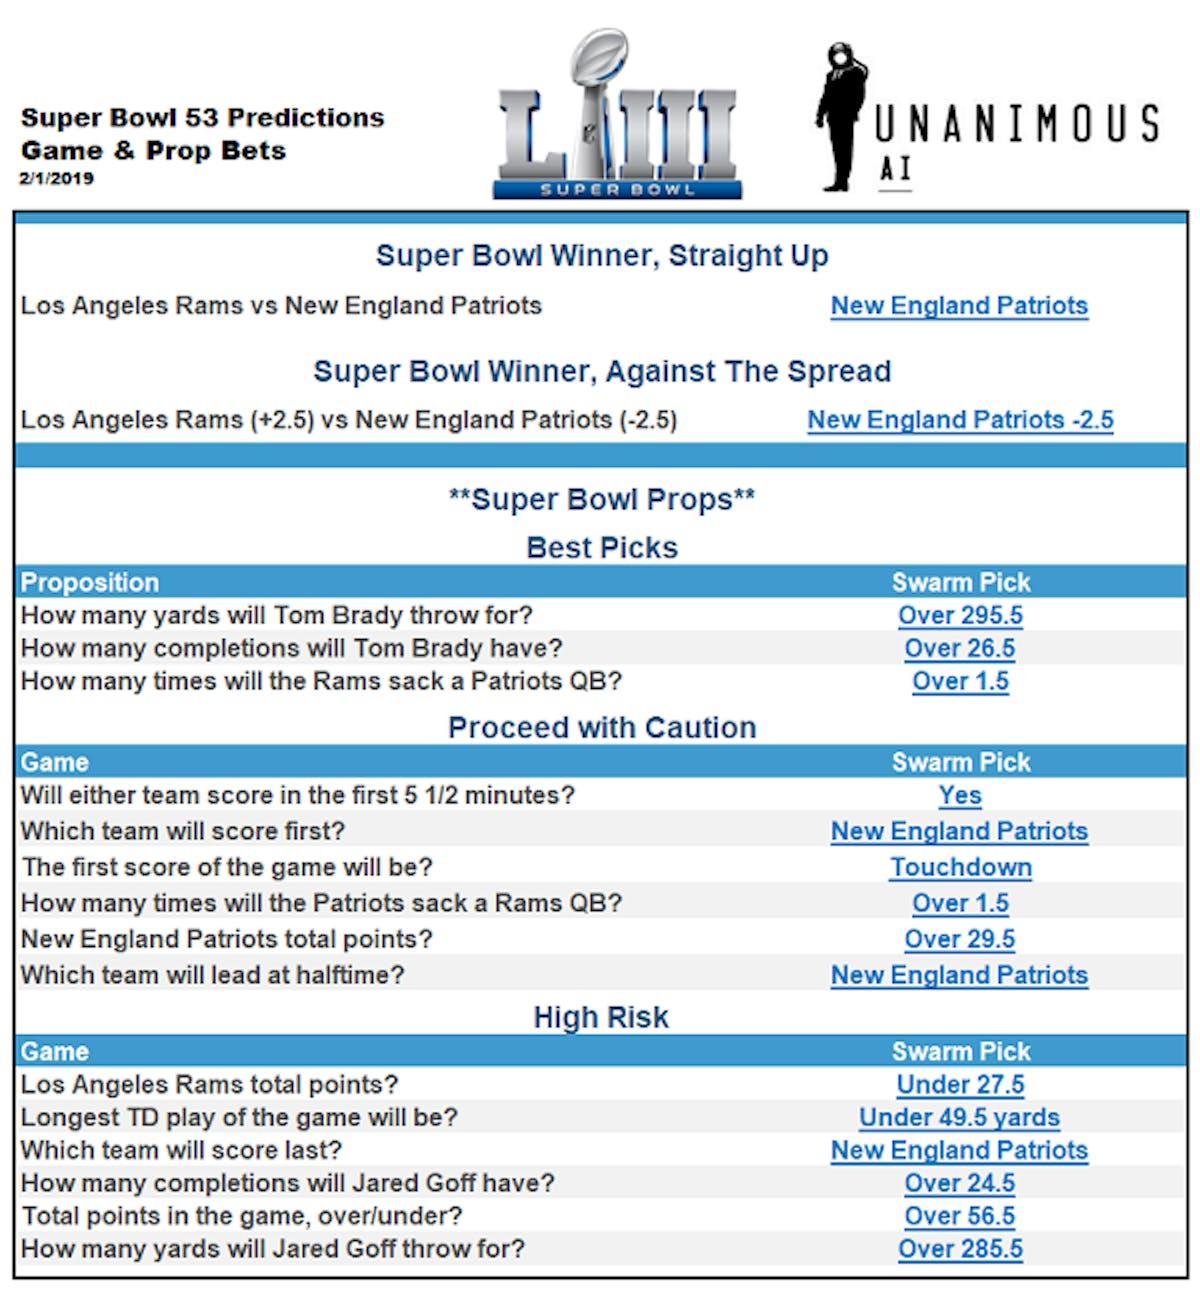 2019 Super Bowl predictions